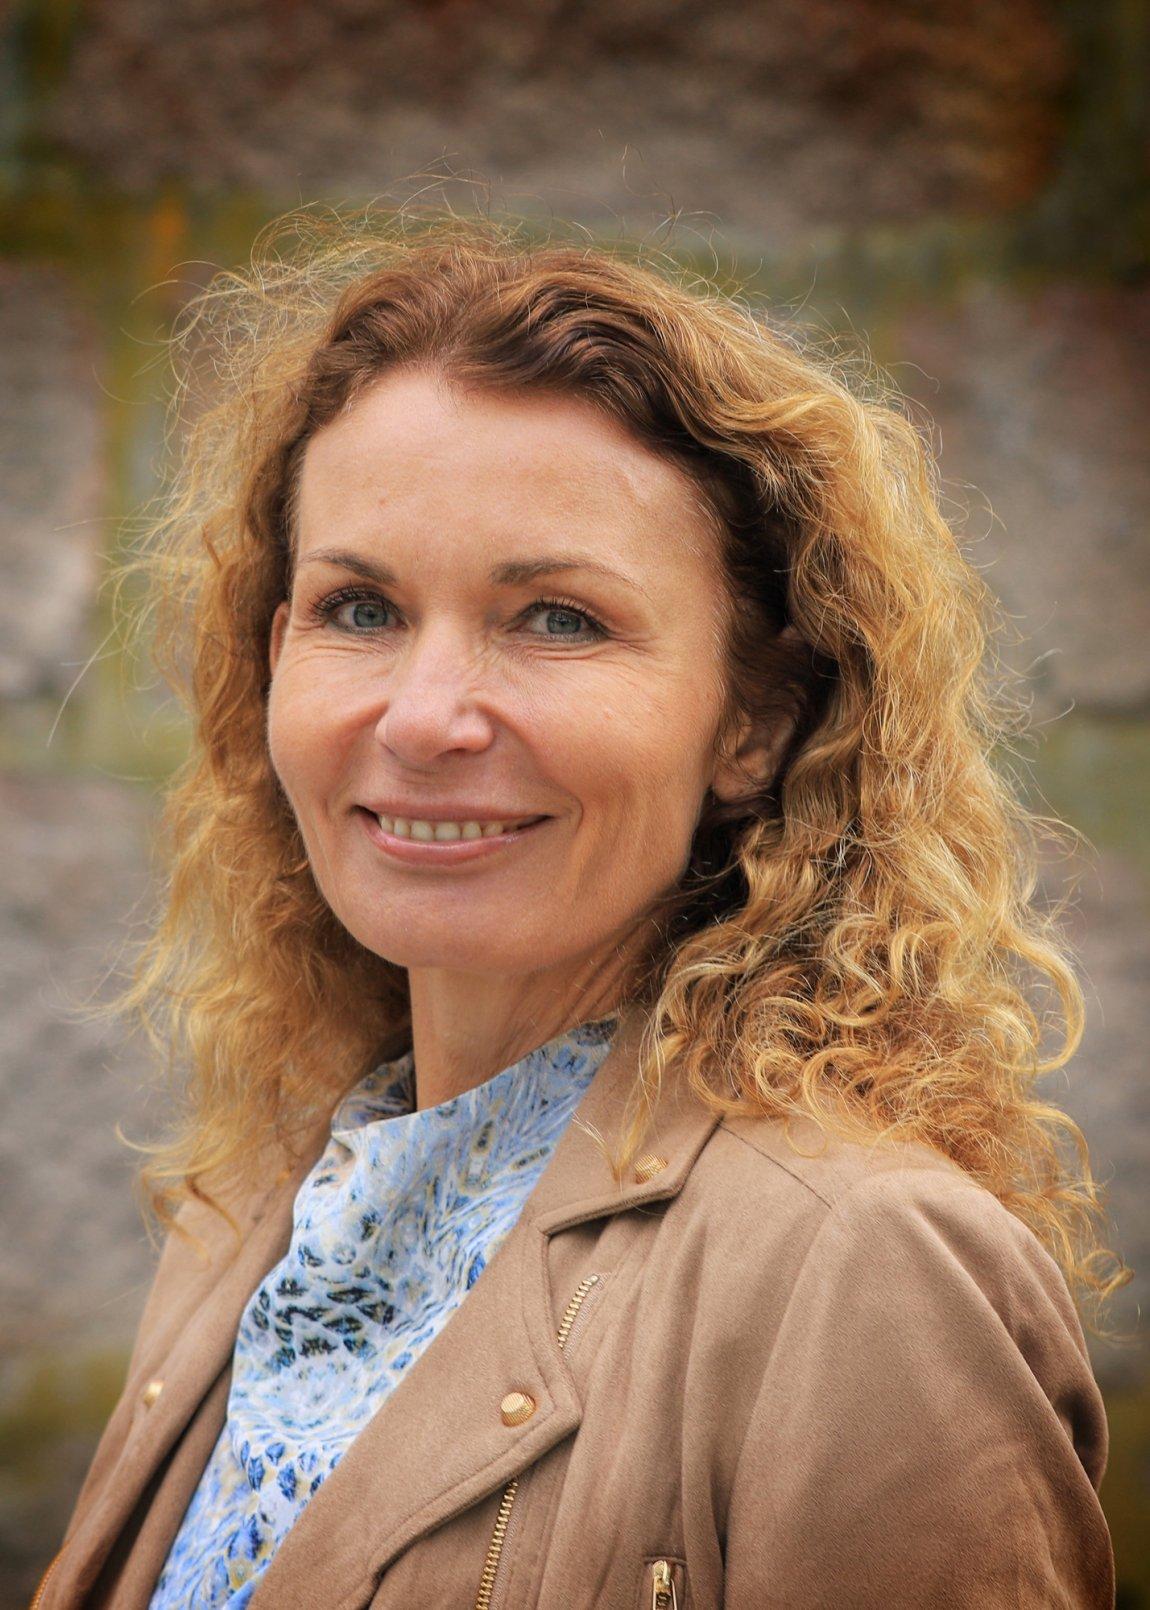 2021 Kjerstin Wøyen Funderud, stortingskandidat for Østfold, portrett